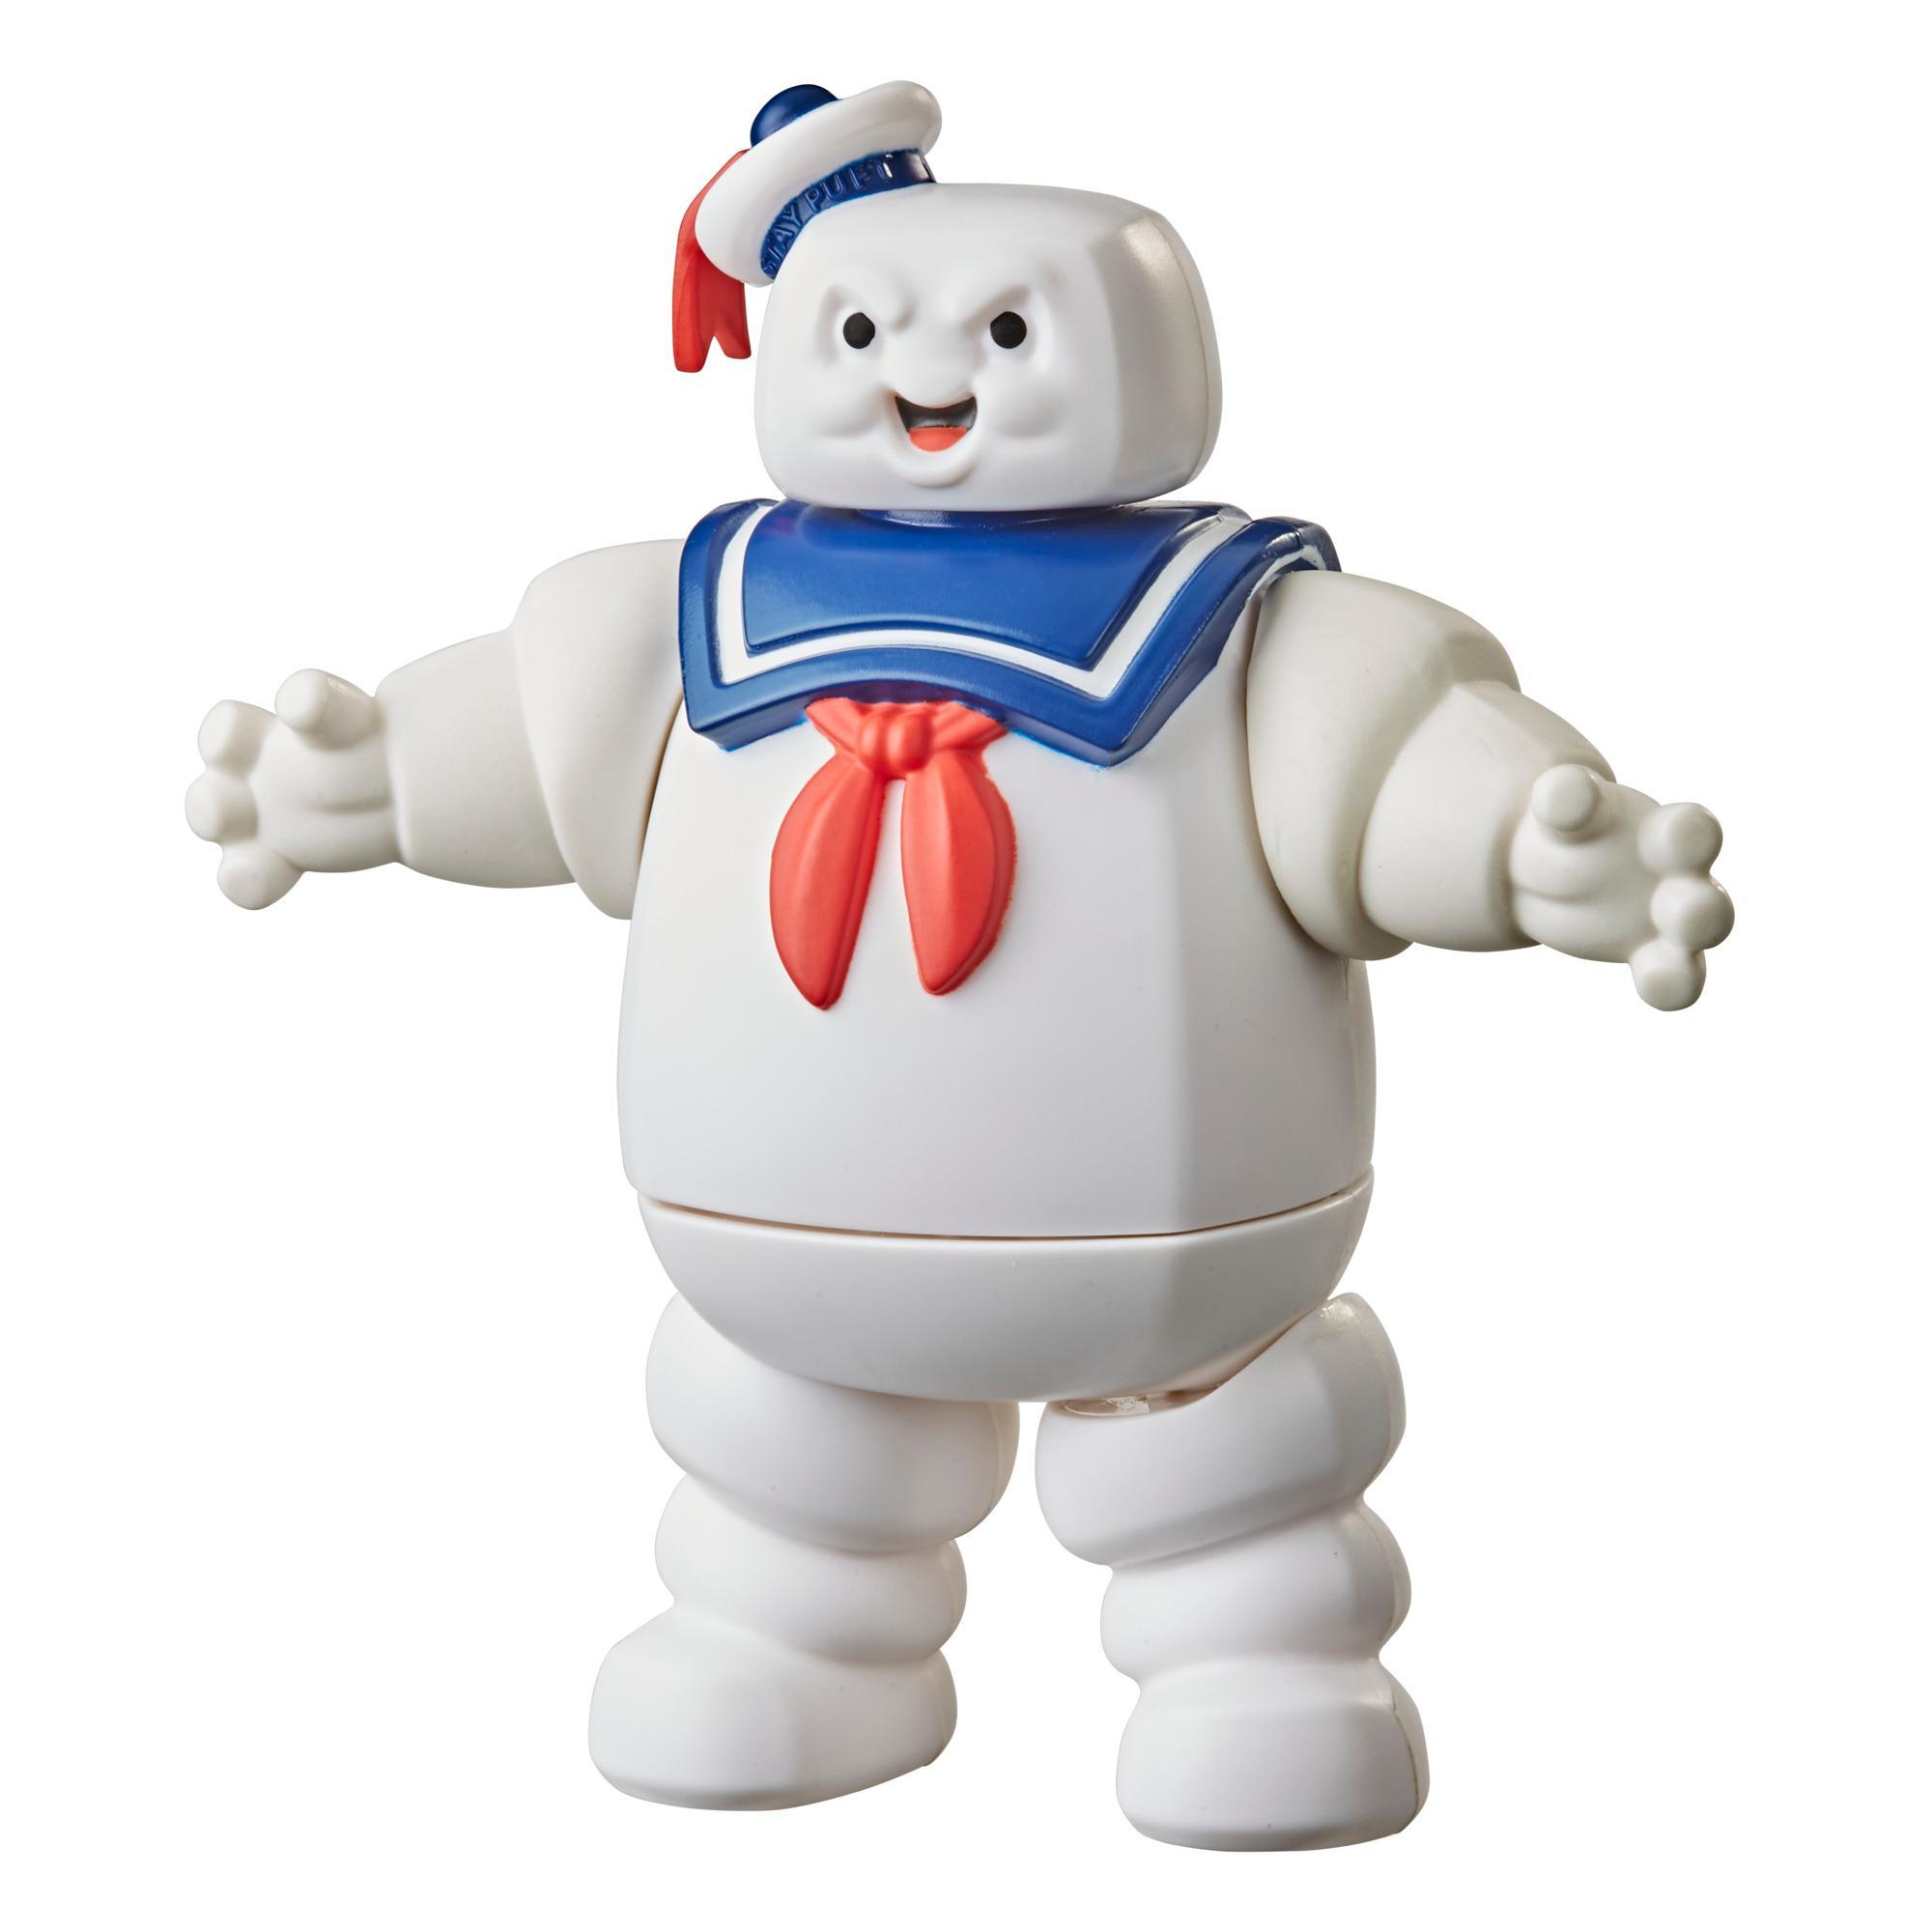 Uomo della pubblicità dei marshmallow Ghostbusters Fright Feature